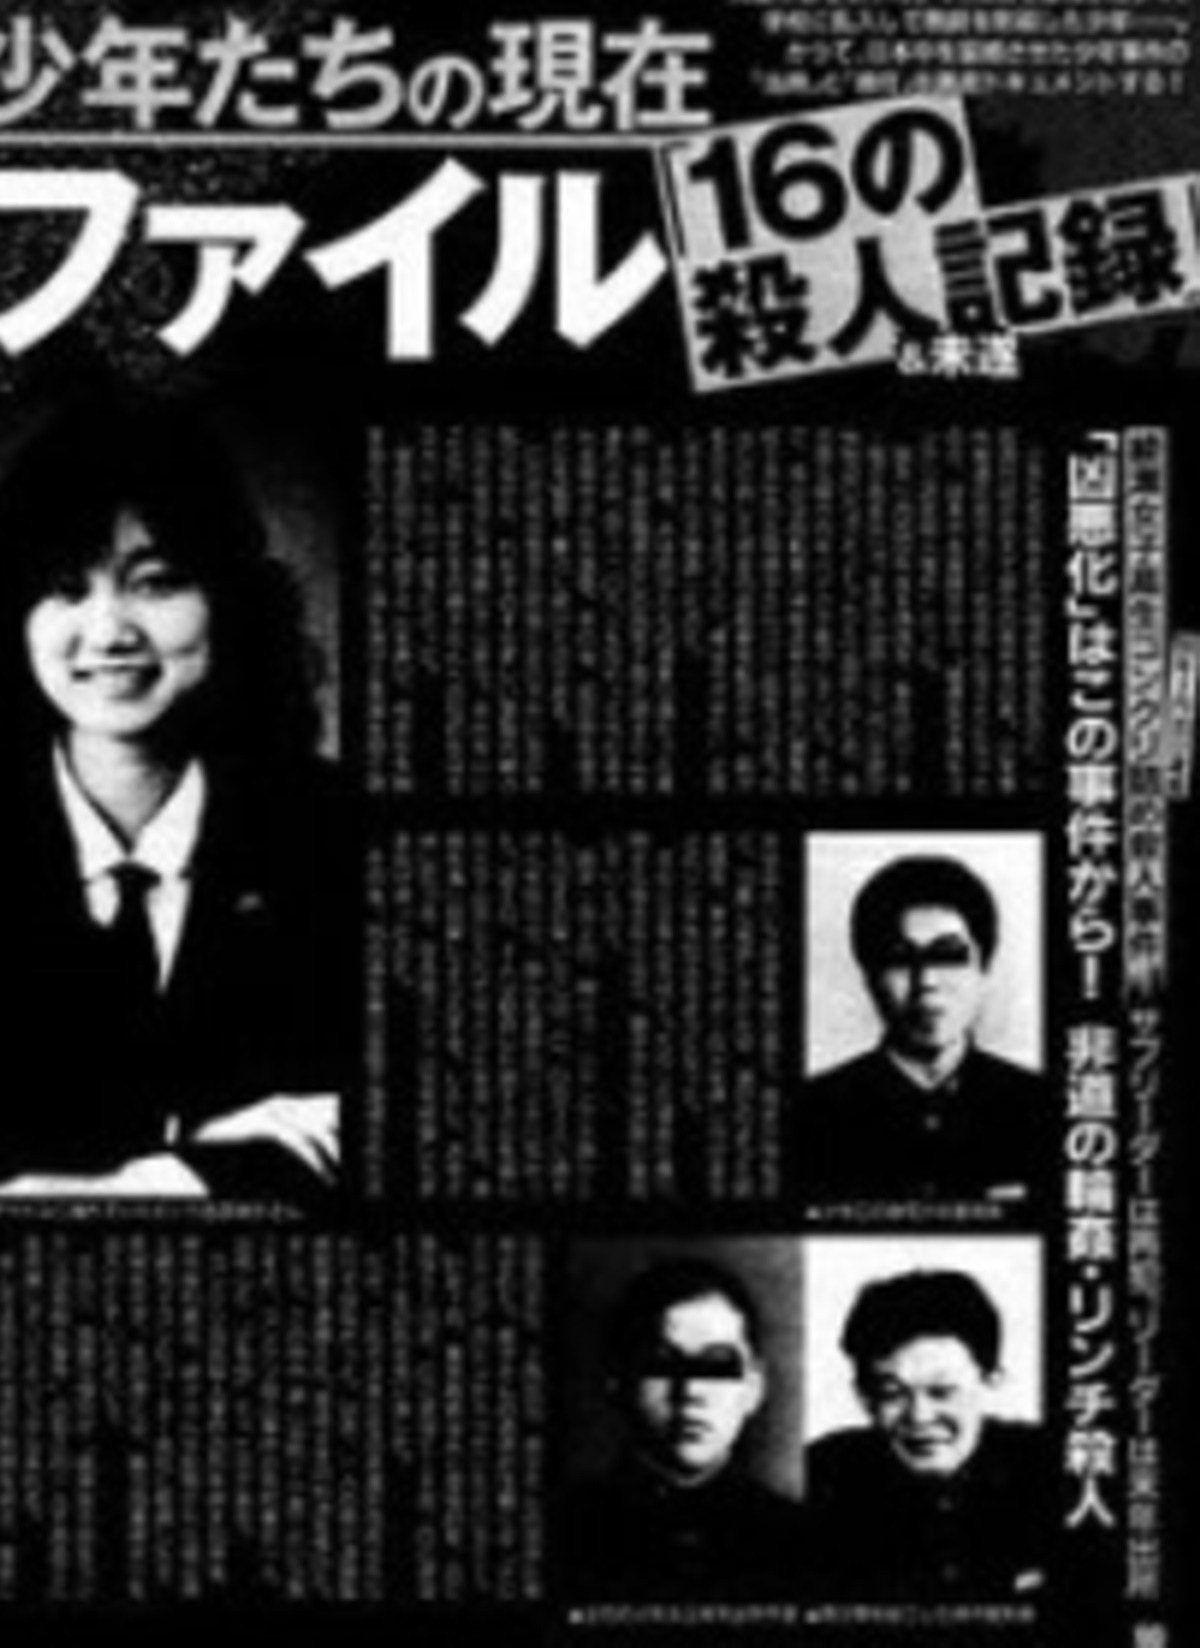 「女子高生コンクリート詰め殺人事件」の画像検索結果